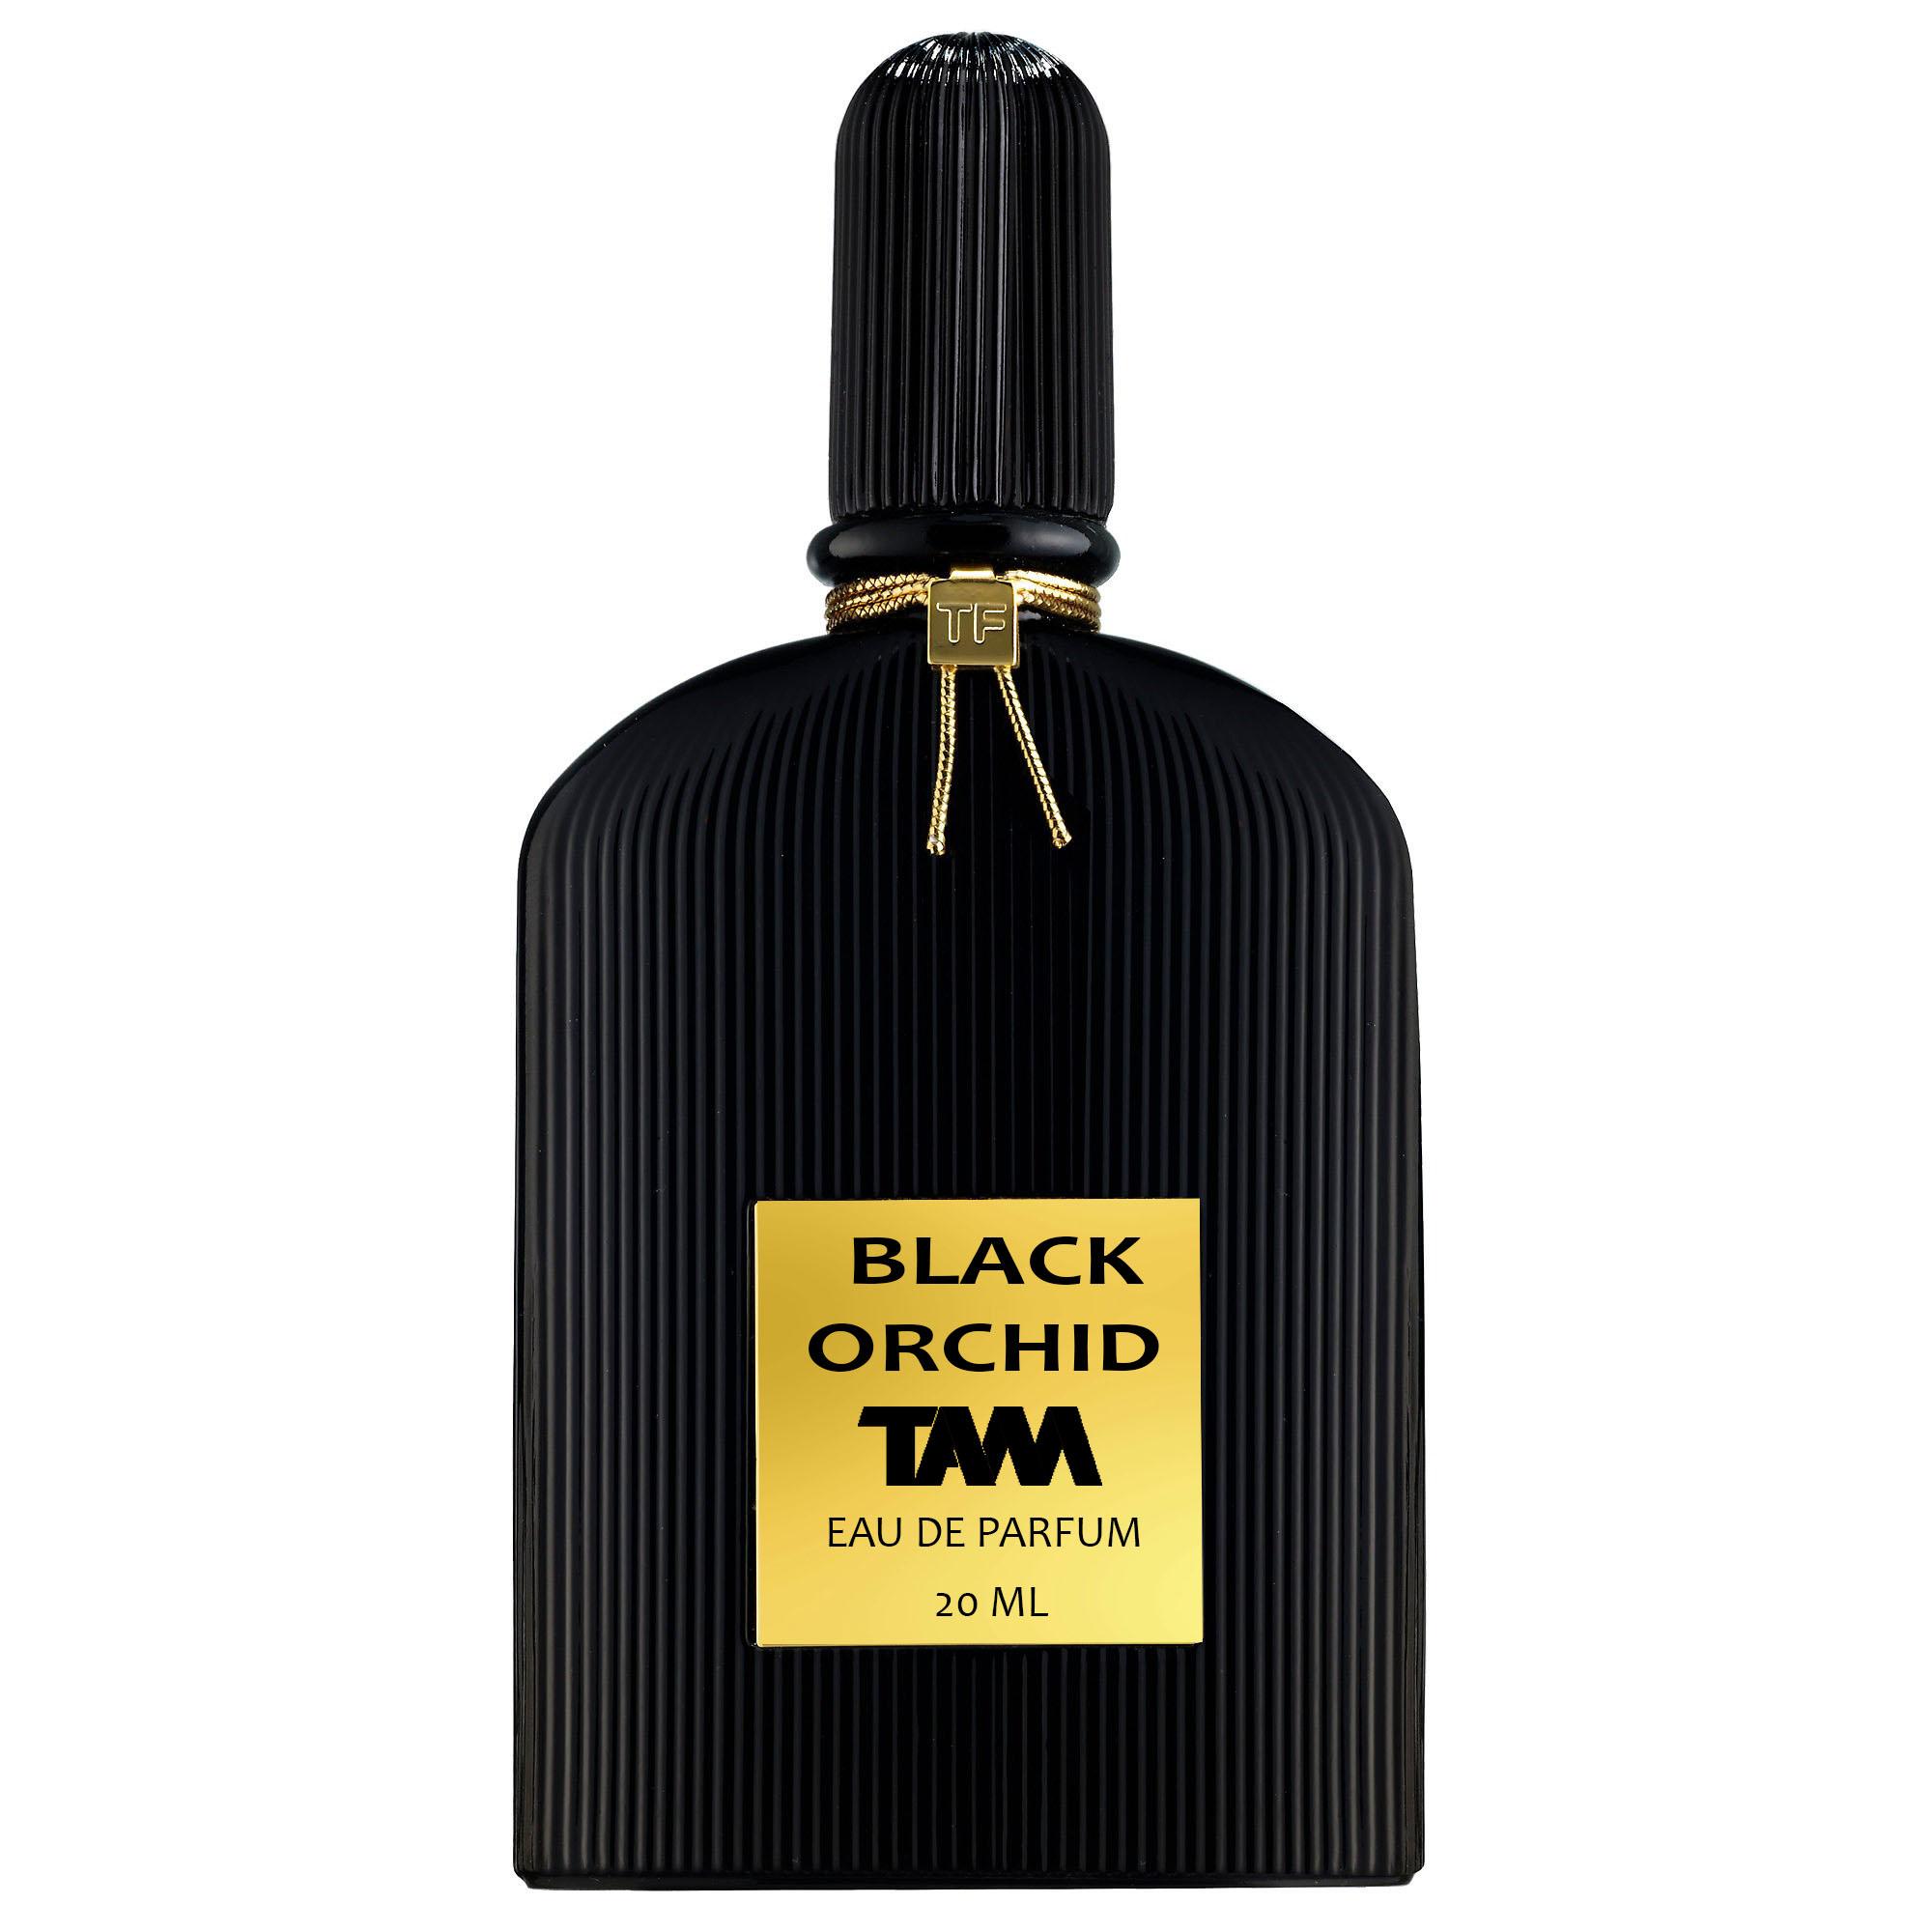 قیمت ادو پرفیوم زنانه تام مدل ارکیده سیاه حجم 20 میلی لیتر